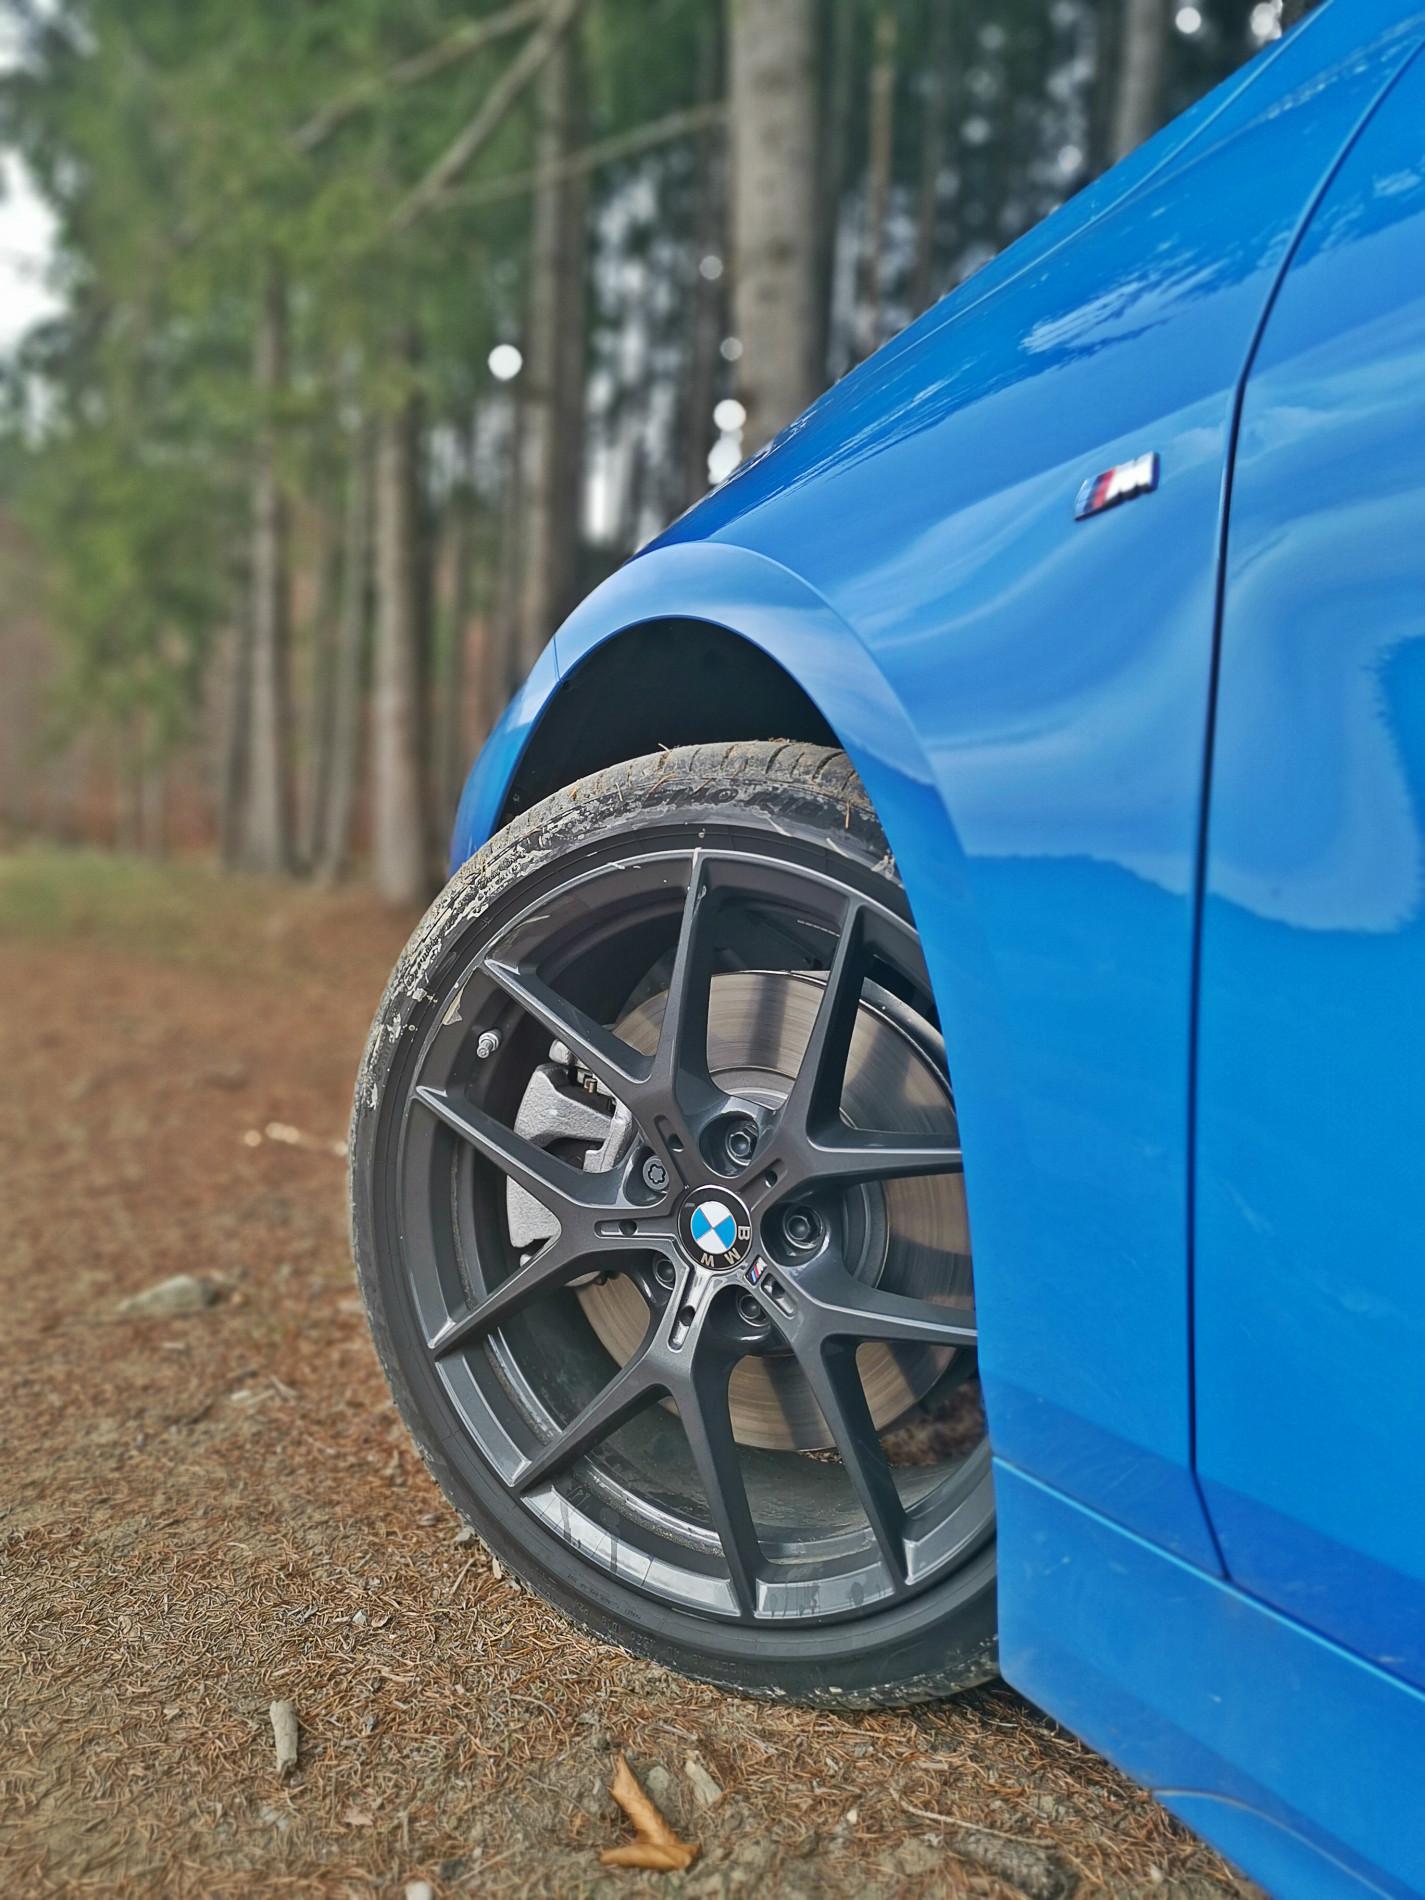 BMW 120d xDrive - BMW 120d xDrive